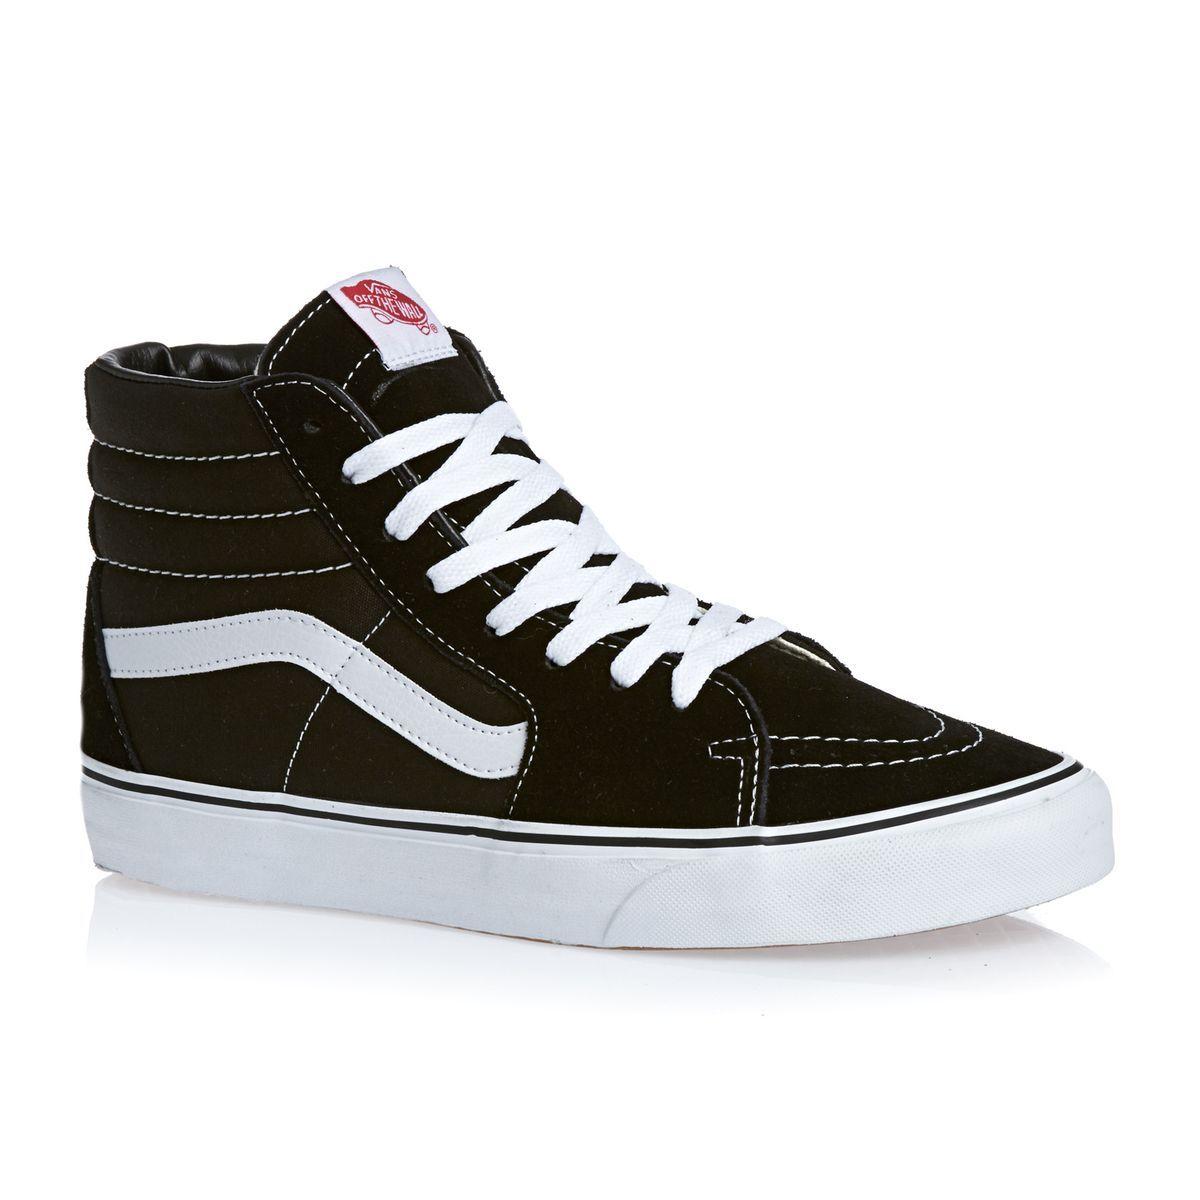 508b6b4aa62 Vans Sk8-hi Shoes - Black